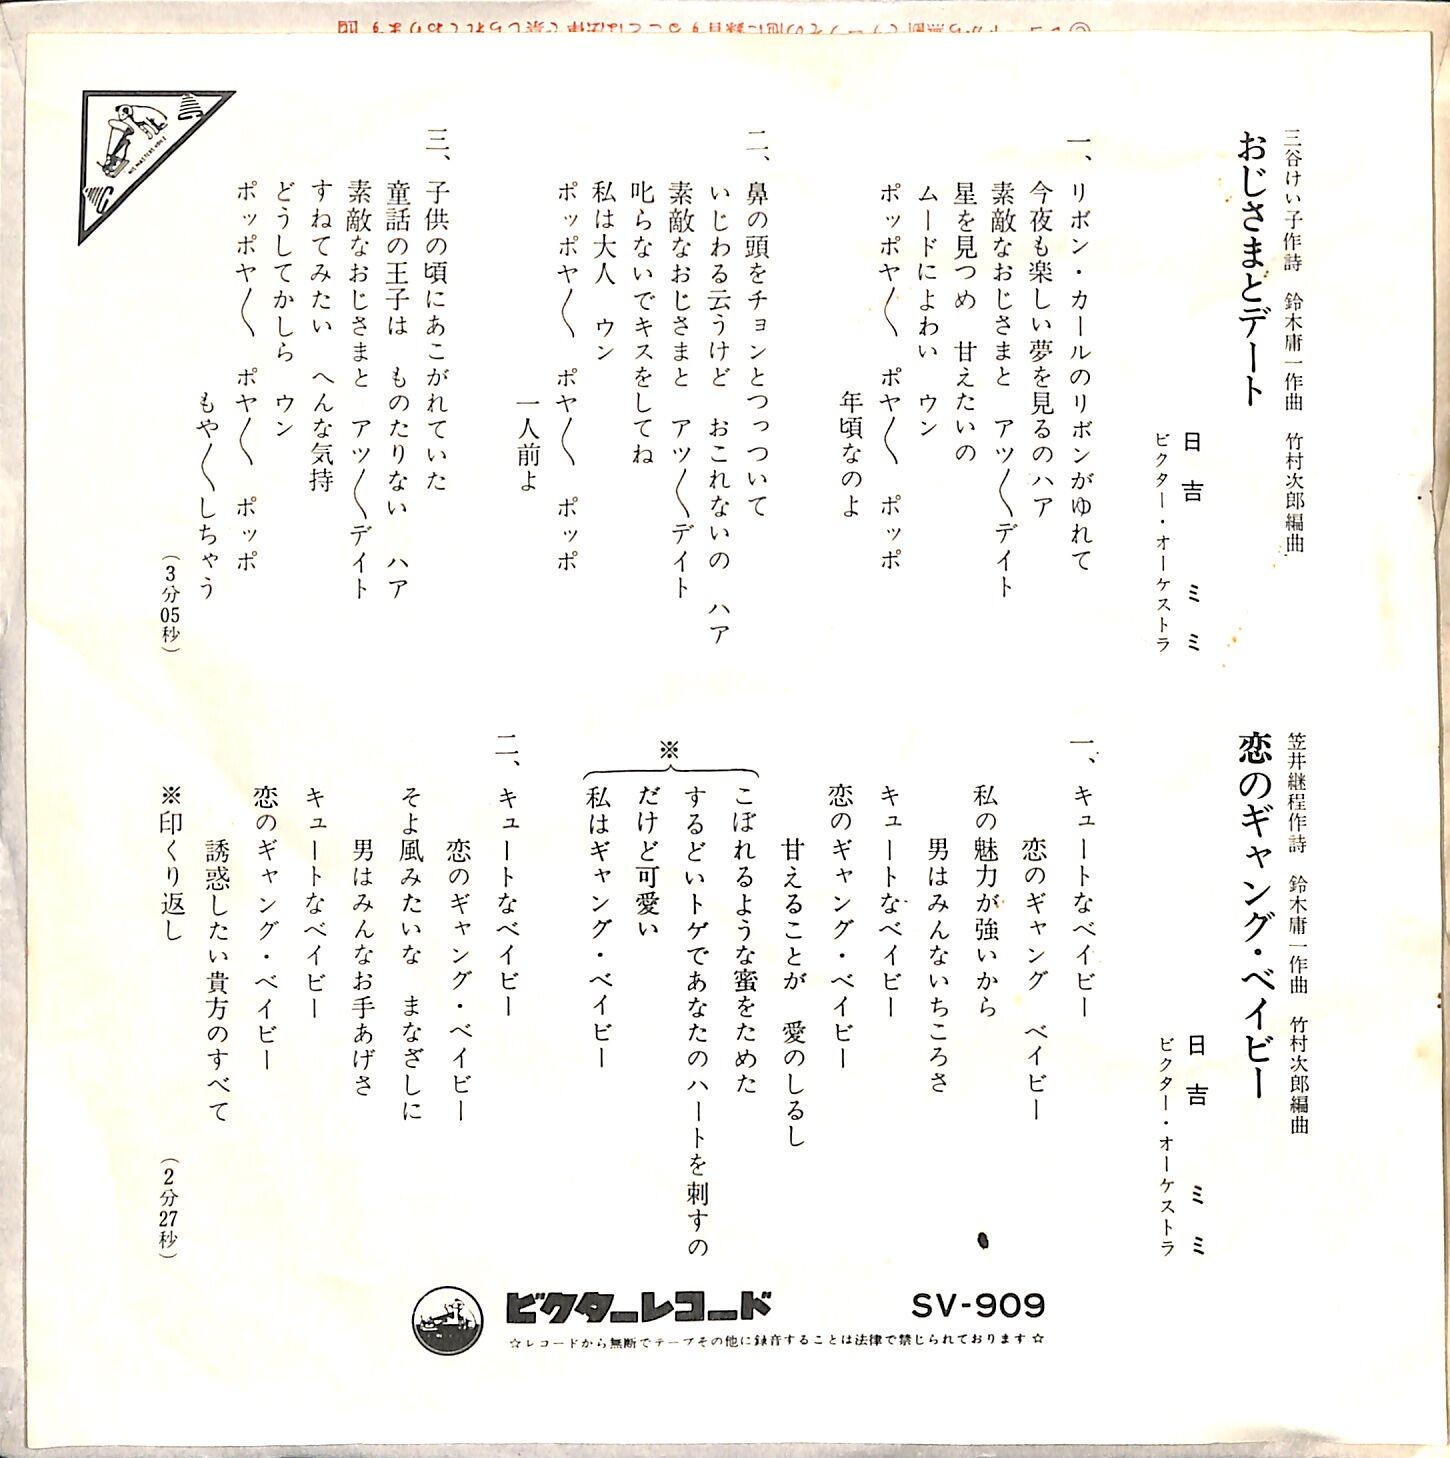 https://p1-e6eeae93.imageflux.jp/booksch/d3ea5fefd364213b3441.jpg